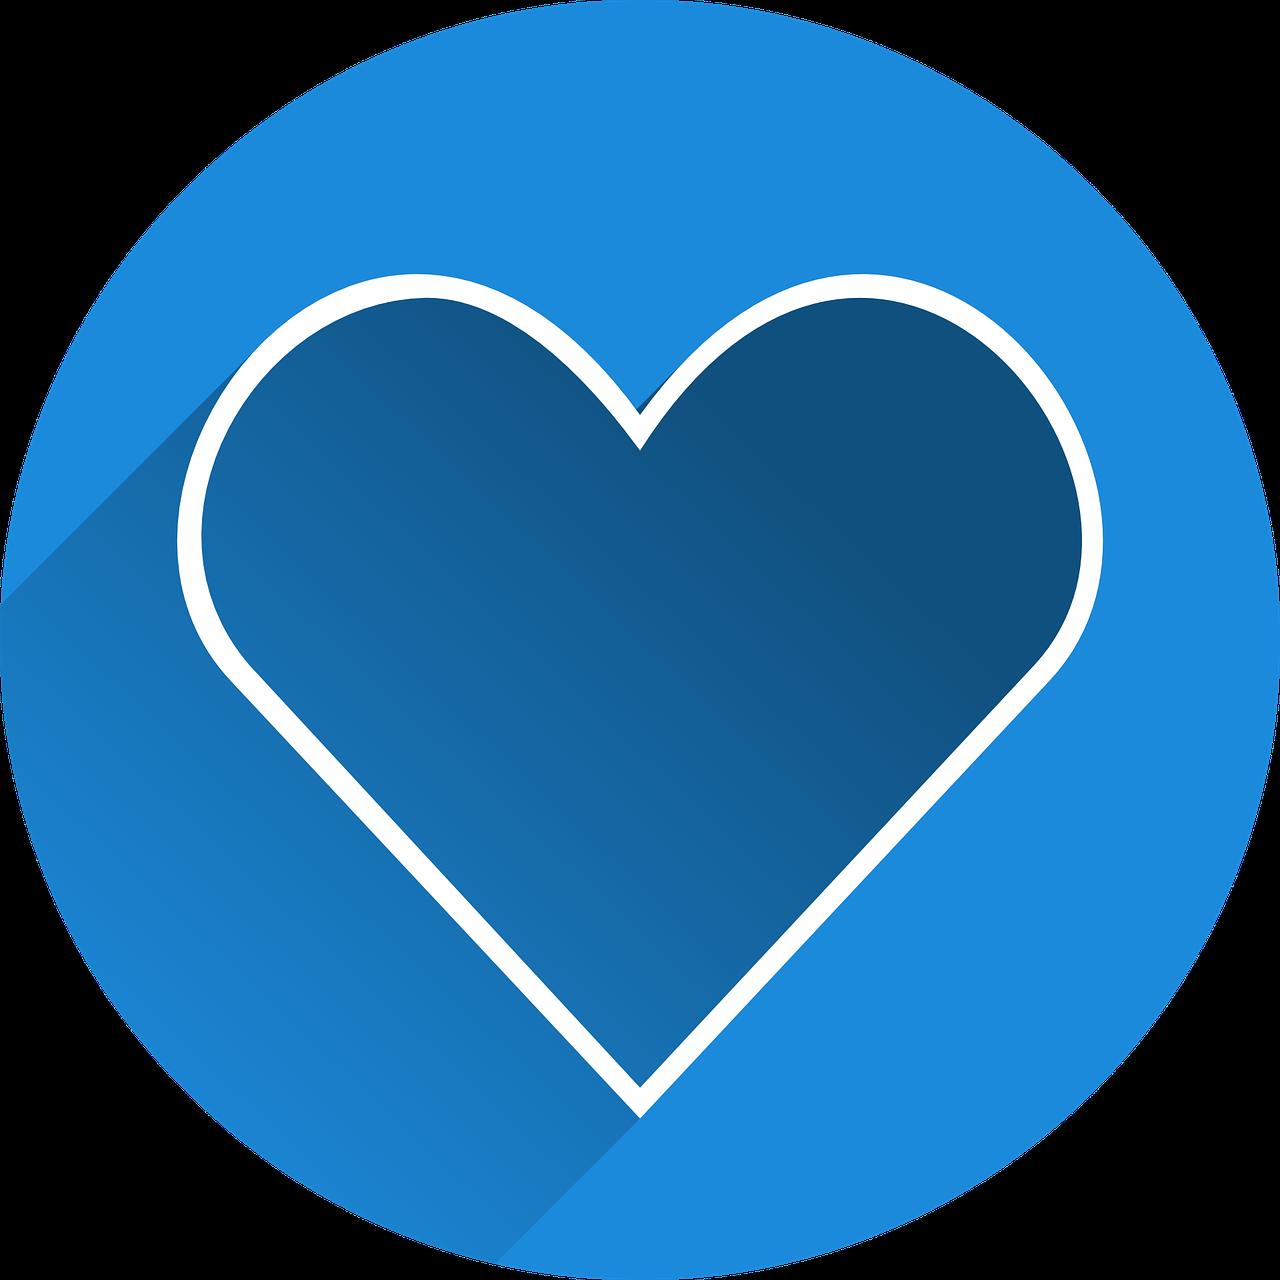 Картинки в виде сердечка лайка